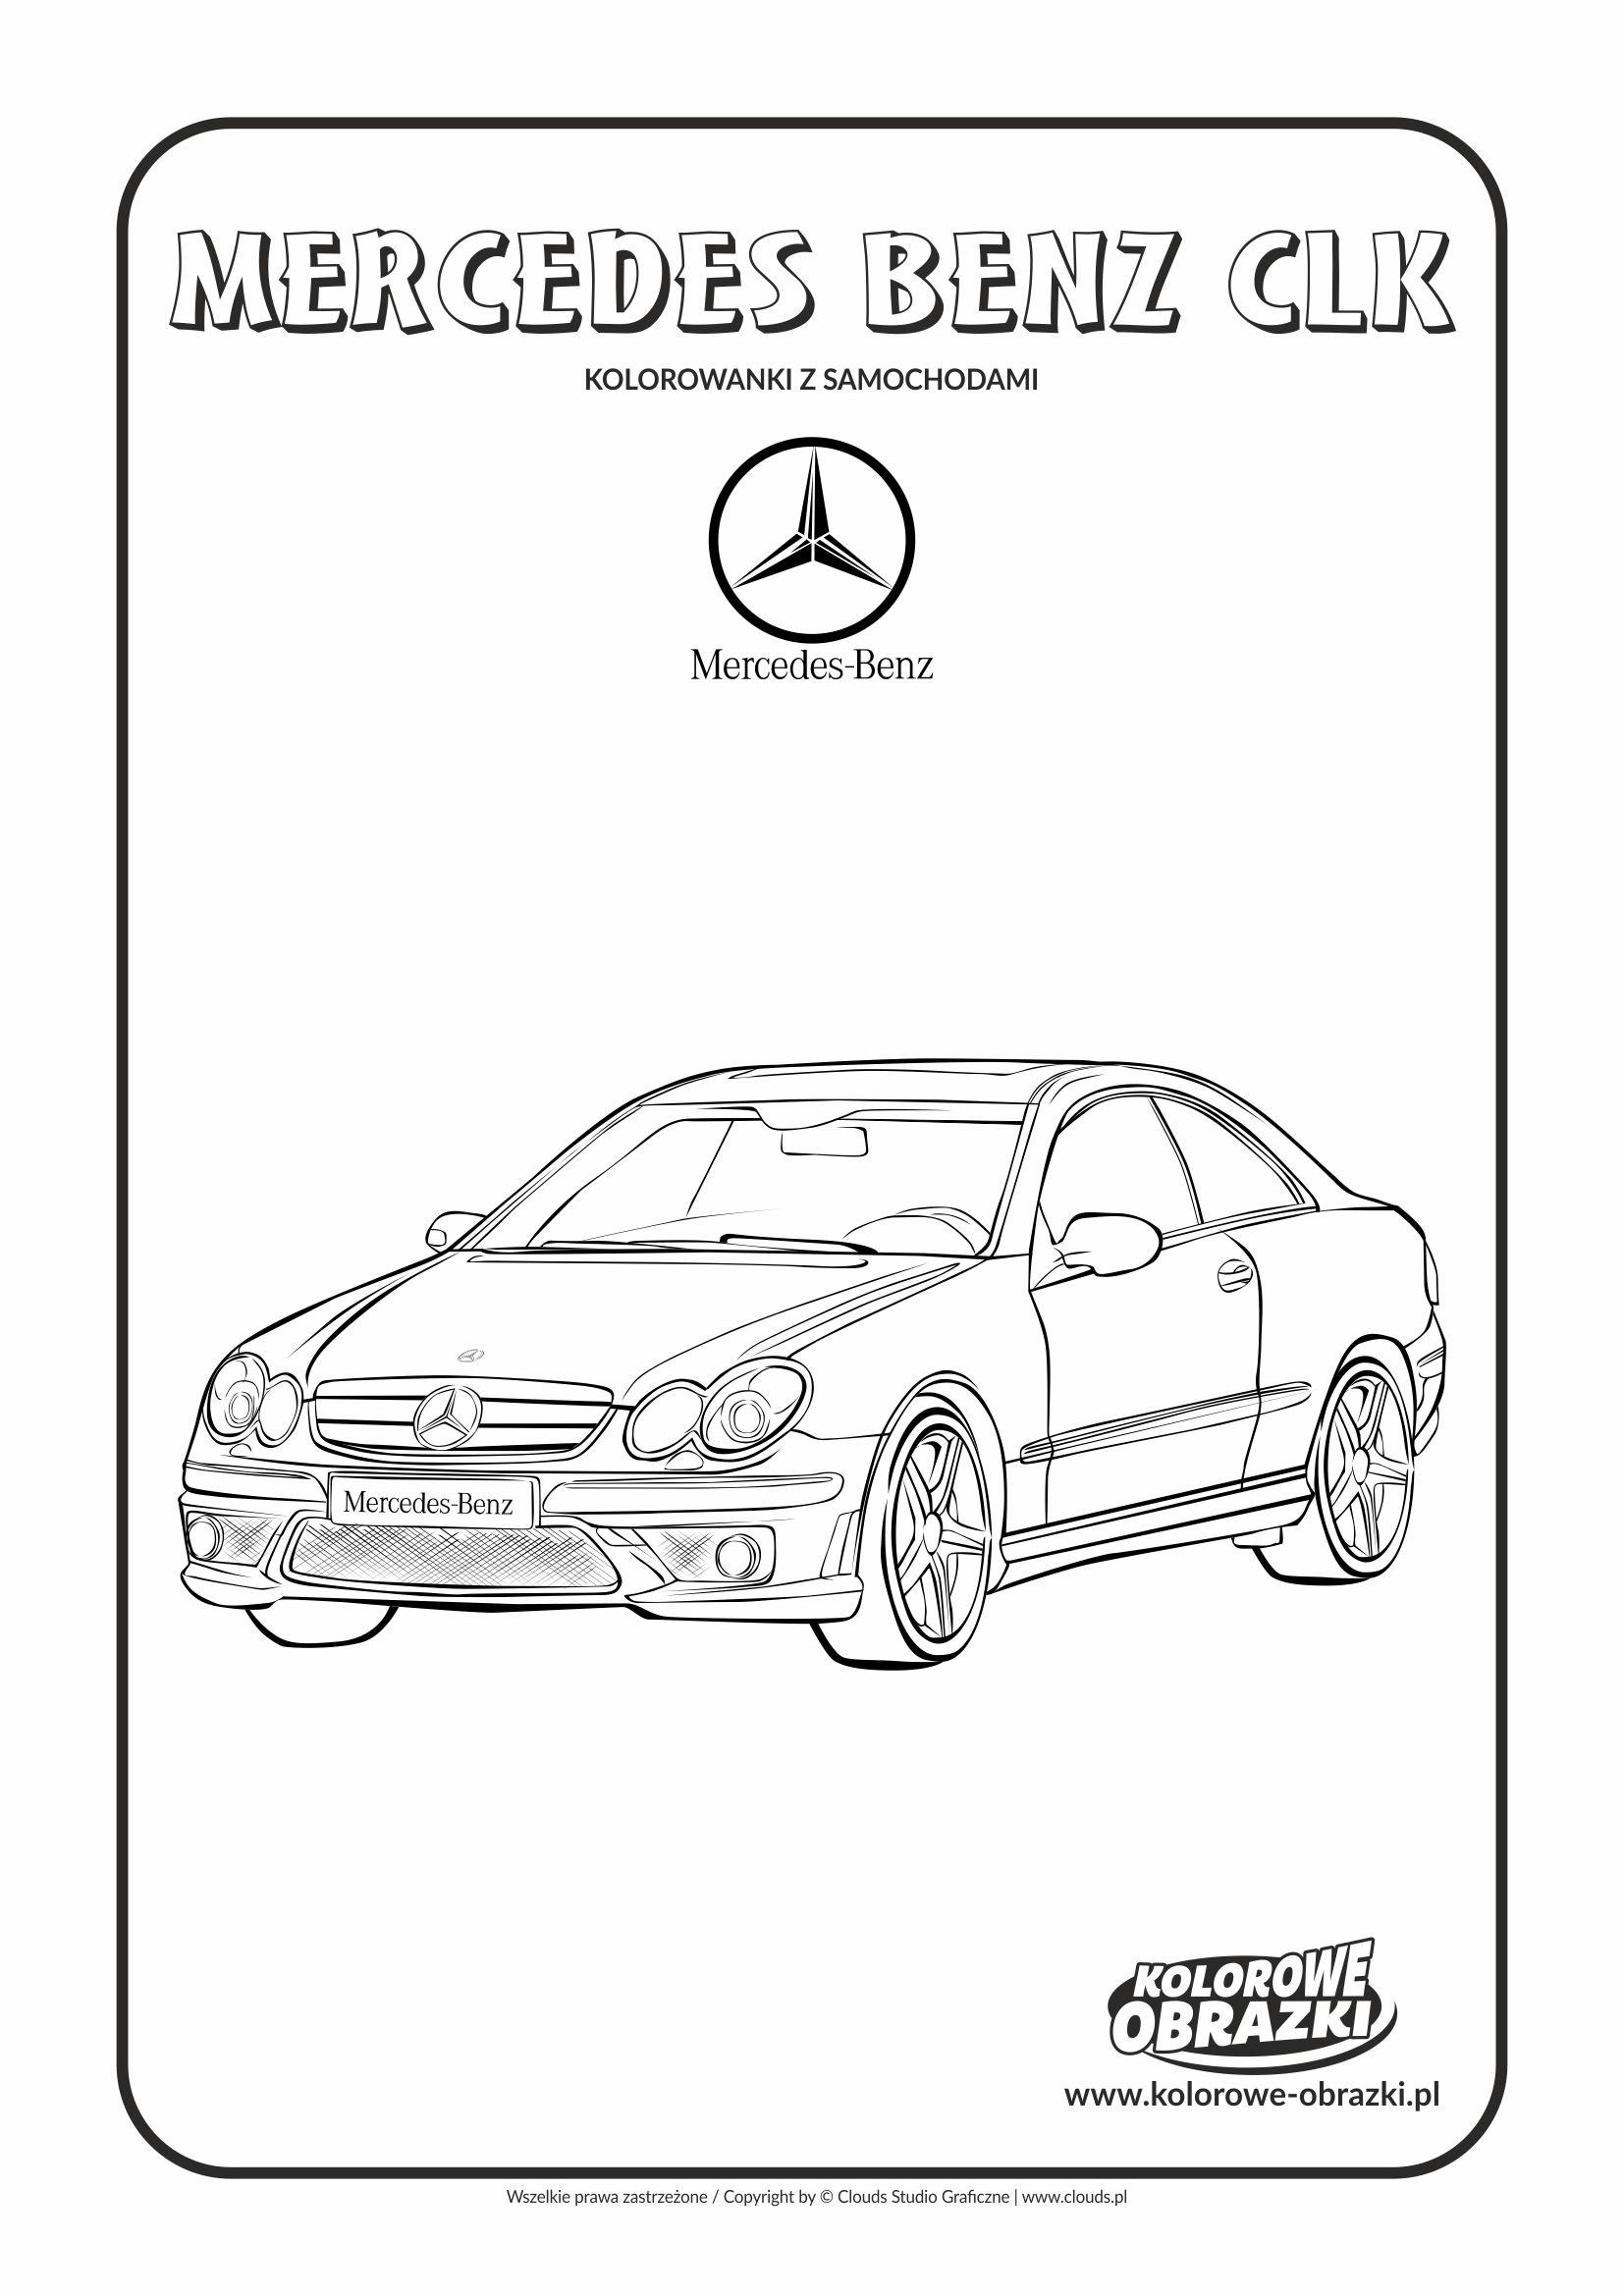 Kolorowanki dla dzieci - Pojazdy / Mercedes-Benz CLK. Kolorowanka z Mercedesem-Benz CLK